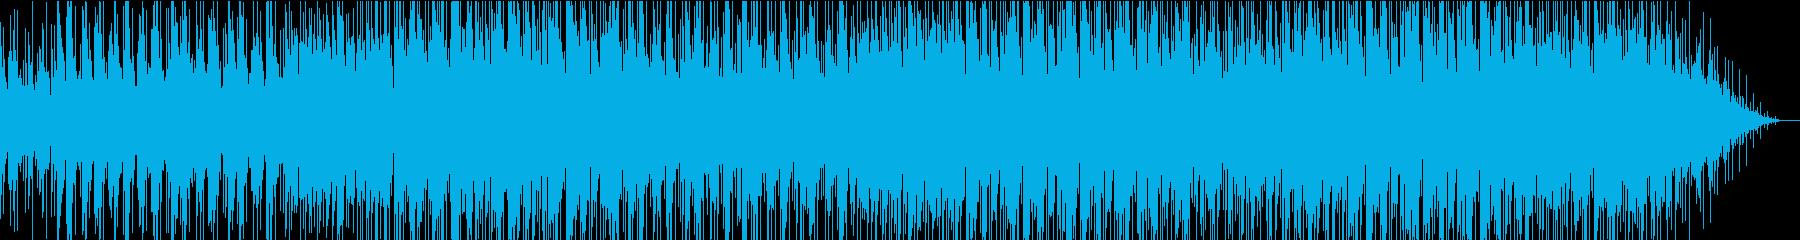 夕暮れ時のドライブで聞きたくなる曲の再生済みの波形